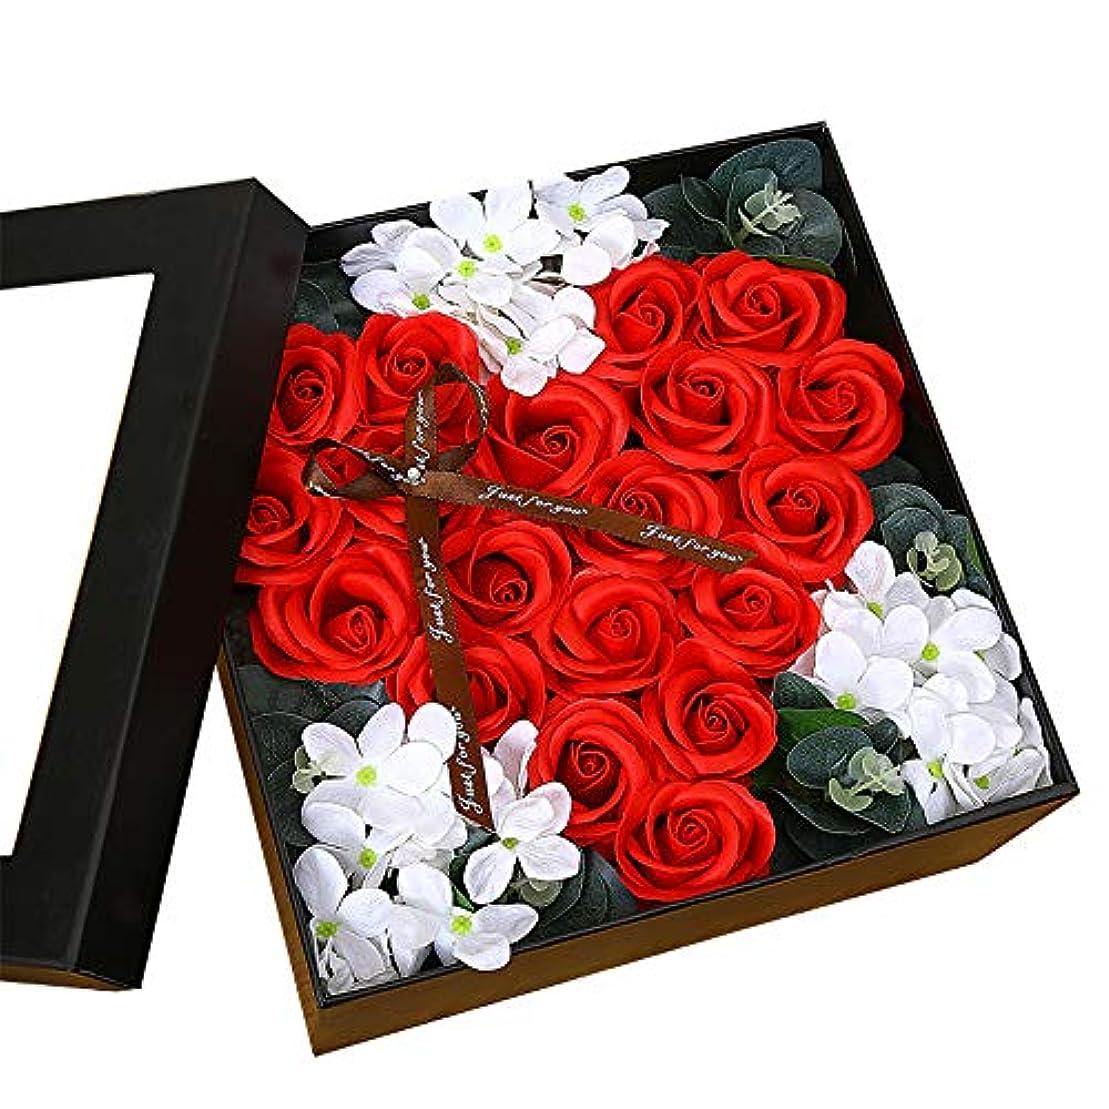 エイズコーデリアピュー生地と花石鹸の花 ギフトソープフラワーローズフラワーバレンタインデーのために不可欠ガールフレンド記念日誕生日母の日 (色 : Red square box)